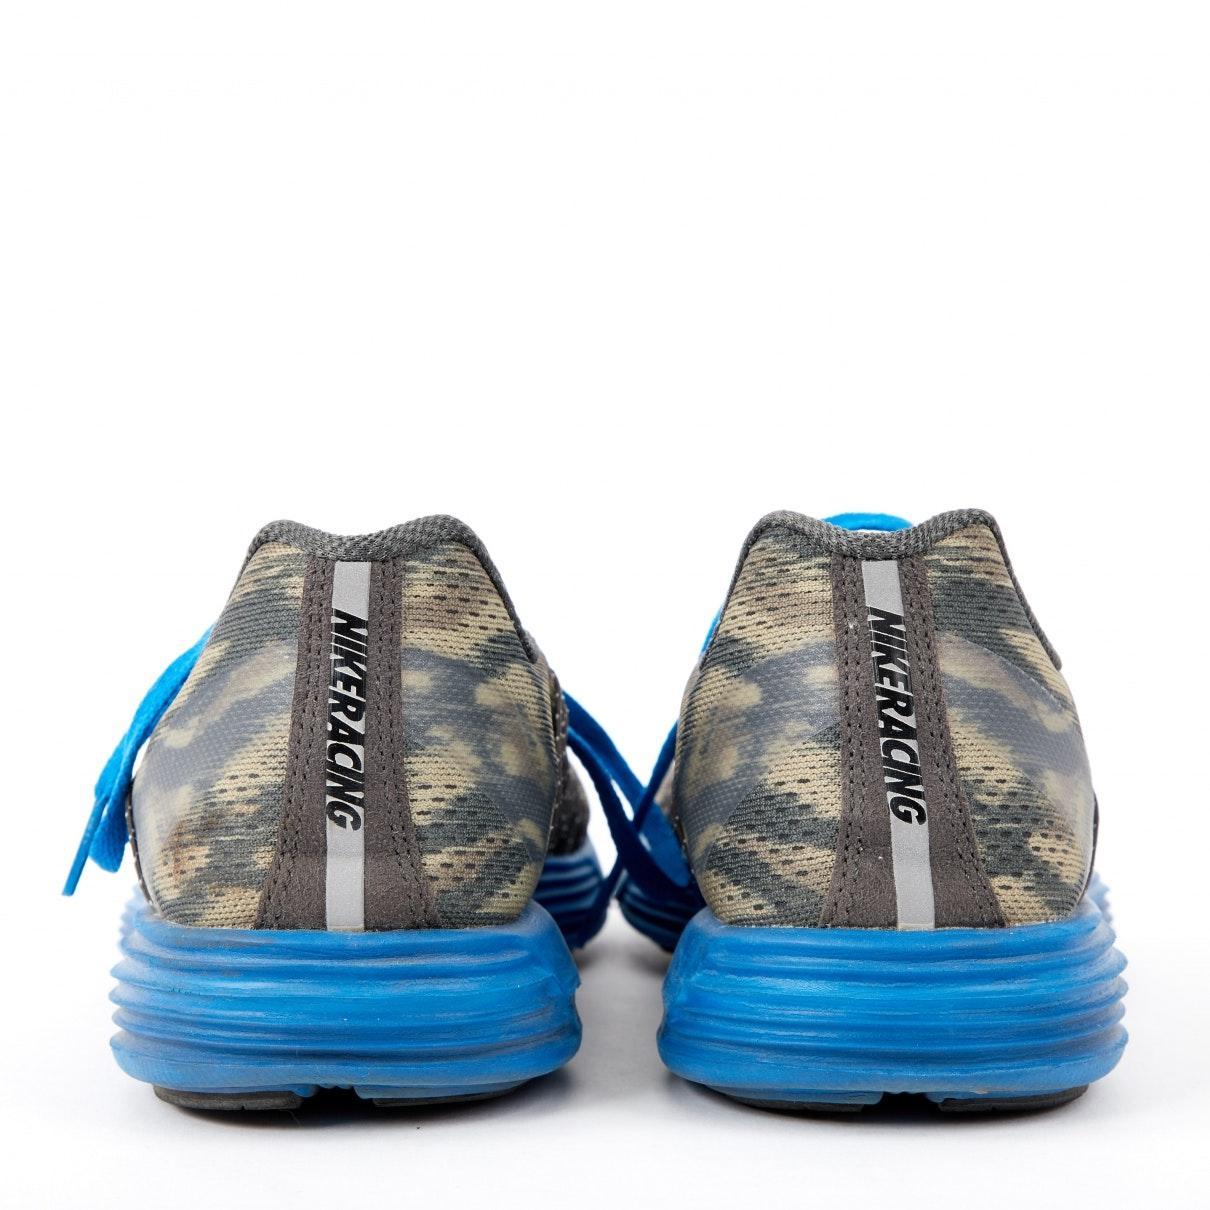 Nike Khaki Cloth Trainers in Blue